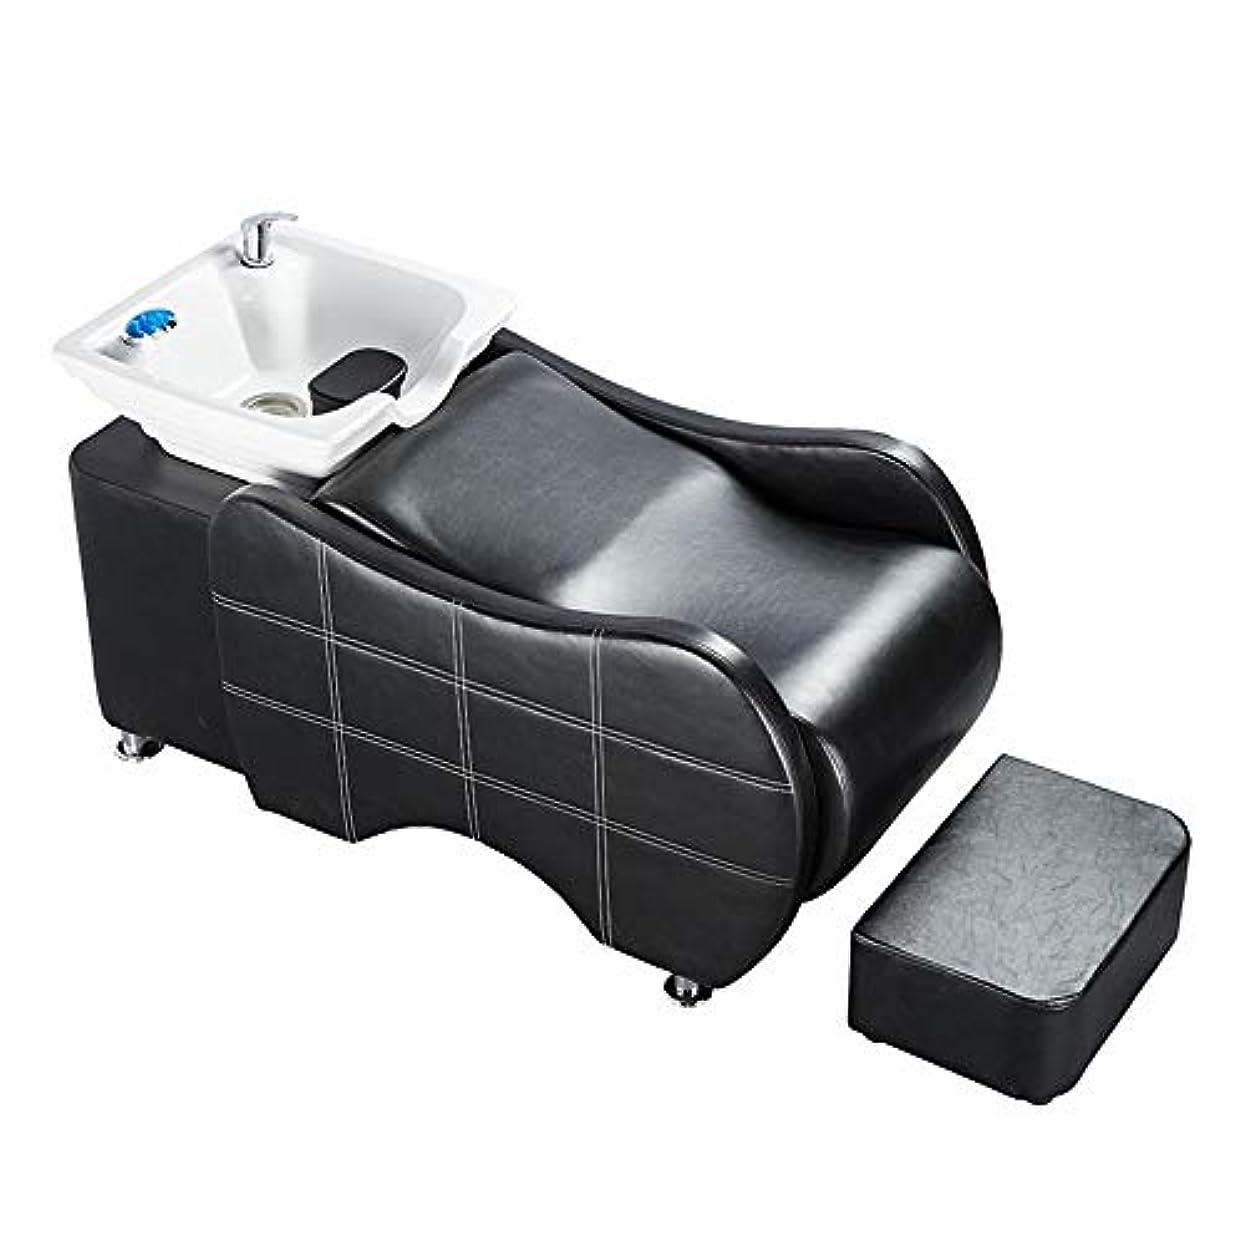 九時四十五分コカイン巨大シャンプーの理髪師の逆洗の椅子、鉱泉の美容院のための陶磁器の洗面器の逆洗の単位のシャンプーボールの流しの椅子(黒)